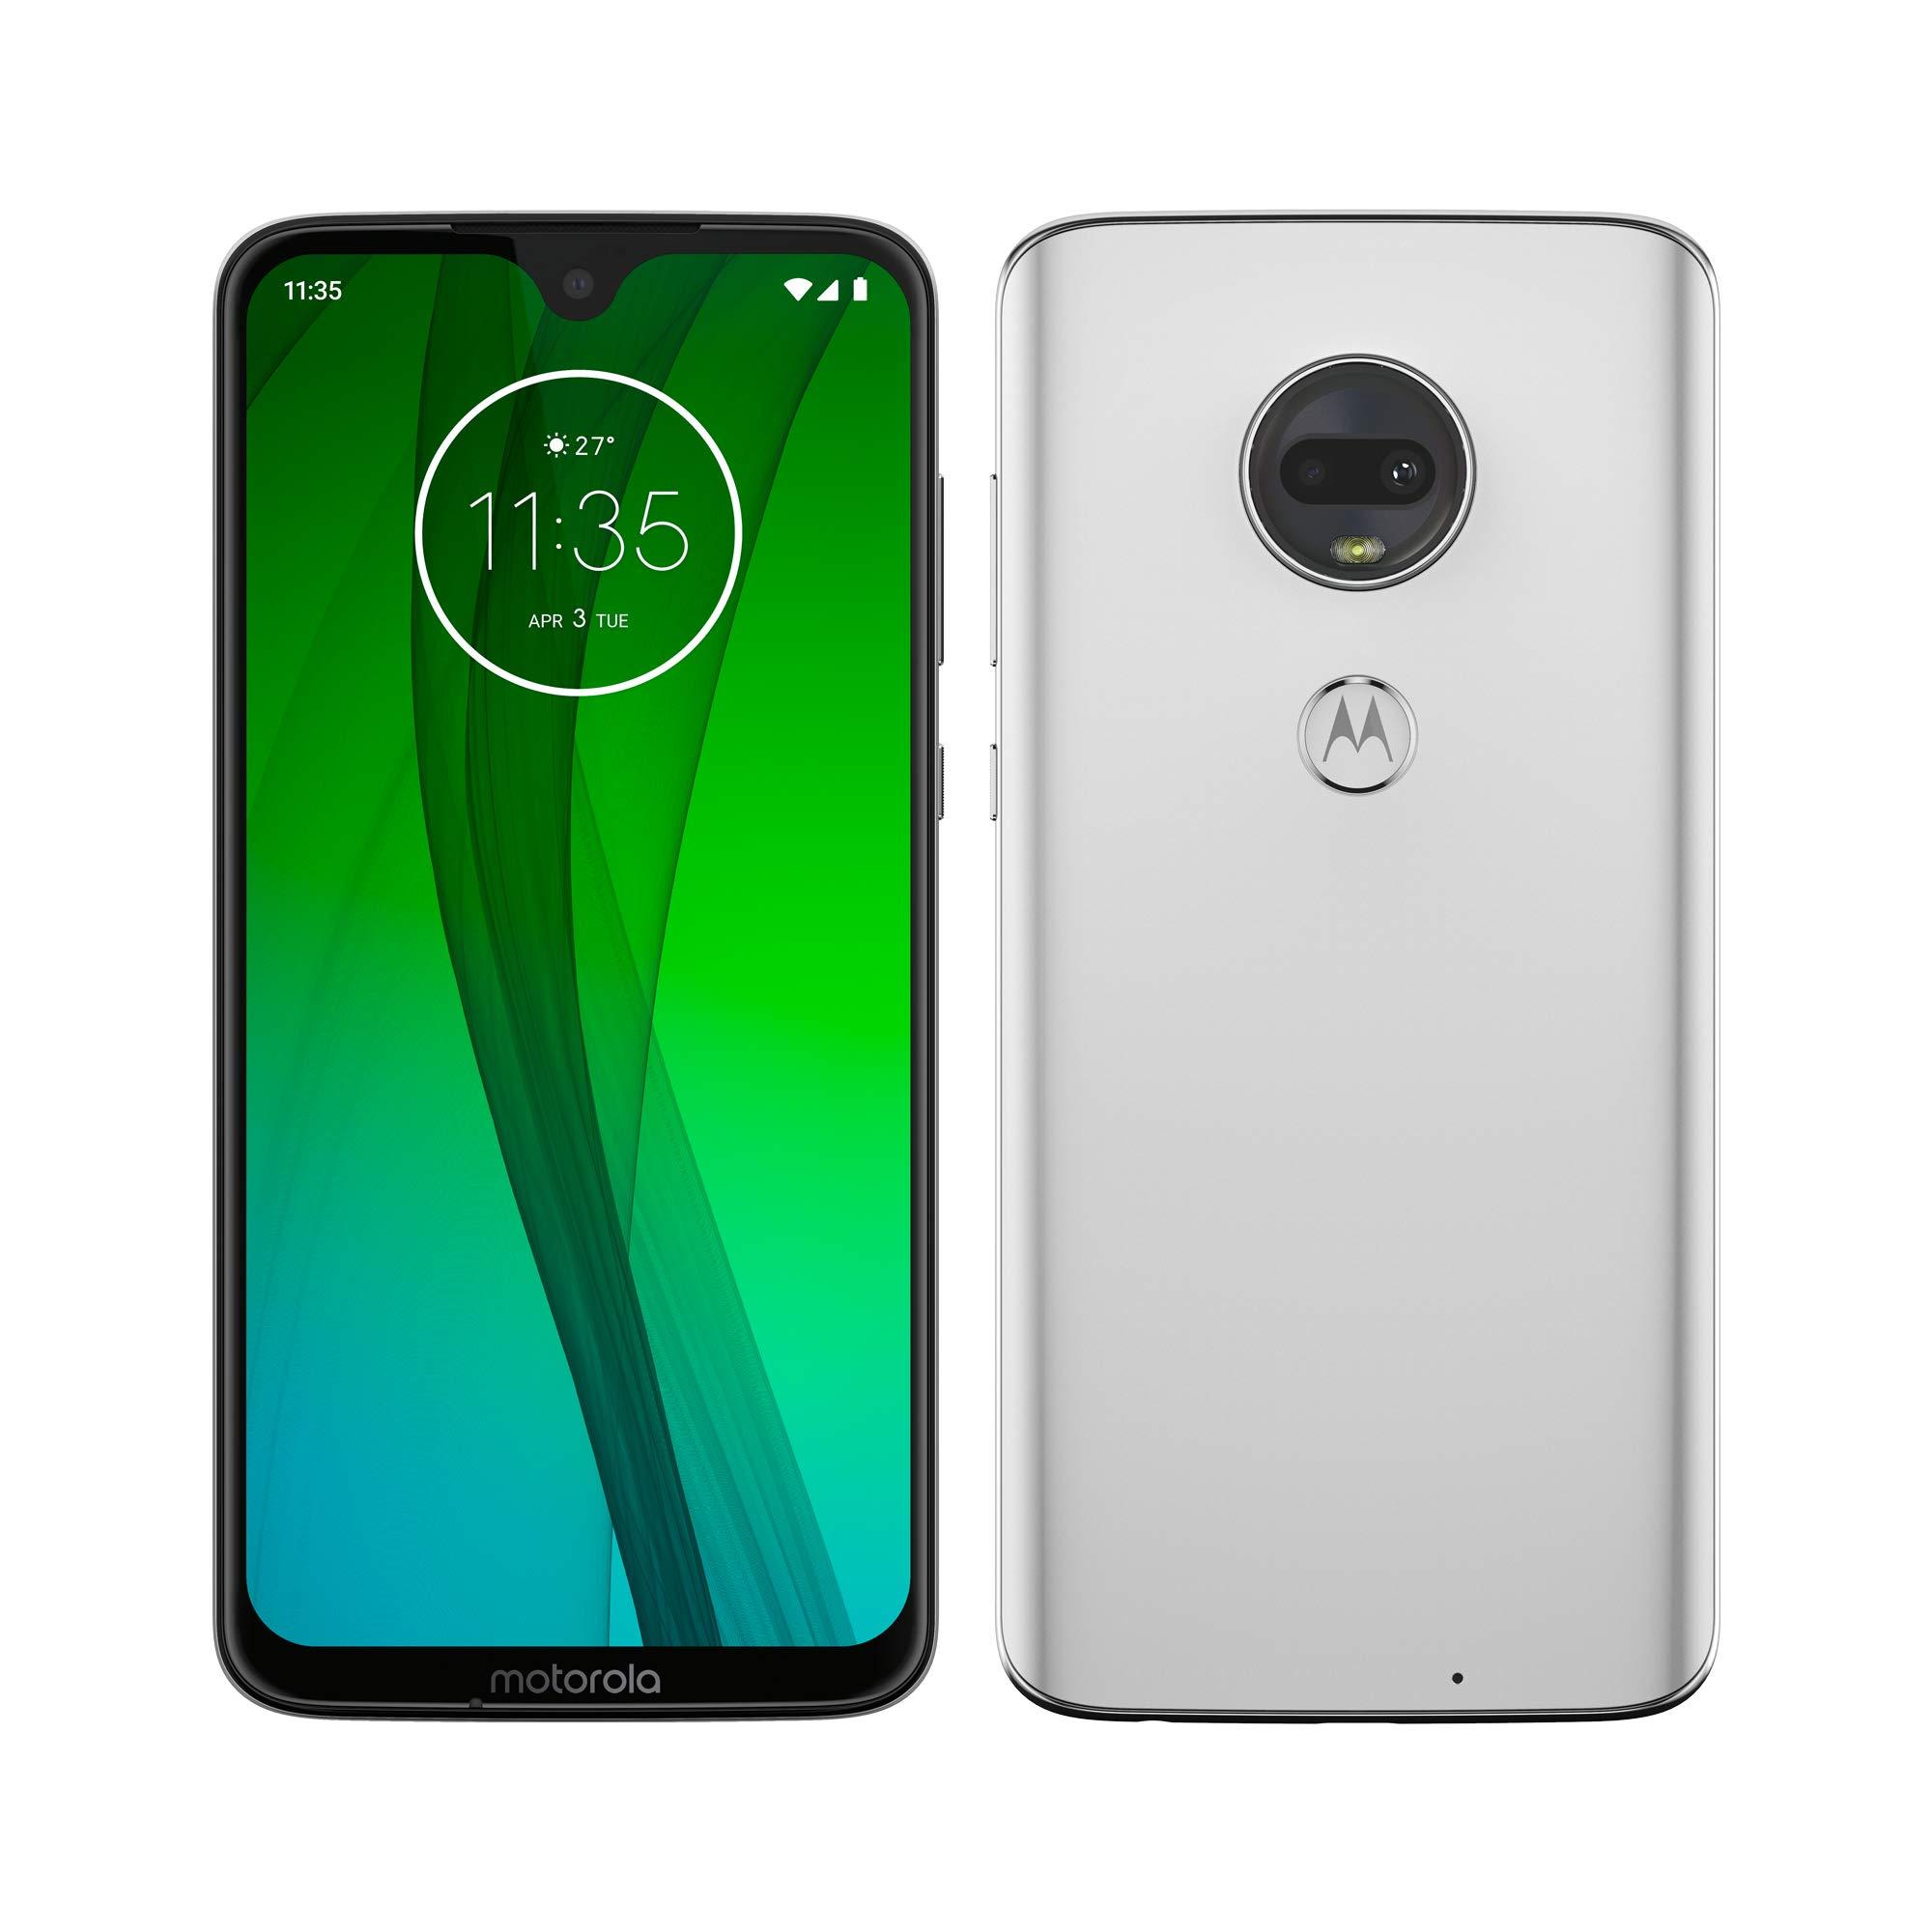 """Motorola Moto G7 Plus – Smartphone Android (Pantalla 6.2"""" FHD+ MAX Vision, Ratio 19:9, cámara Trasera 16MP con estabilizador, cámara Selfie 12MP, 4GB de RAM, 64 GB, Dual SIM)"""